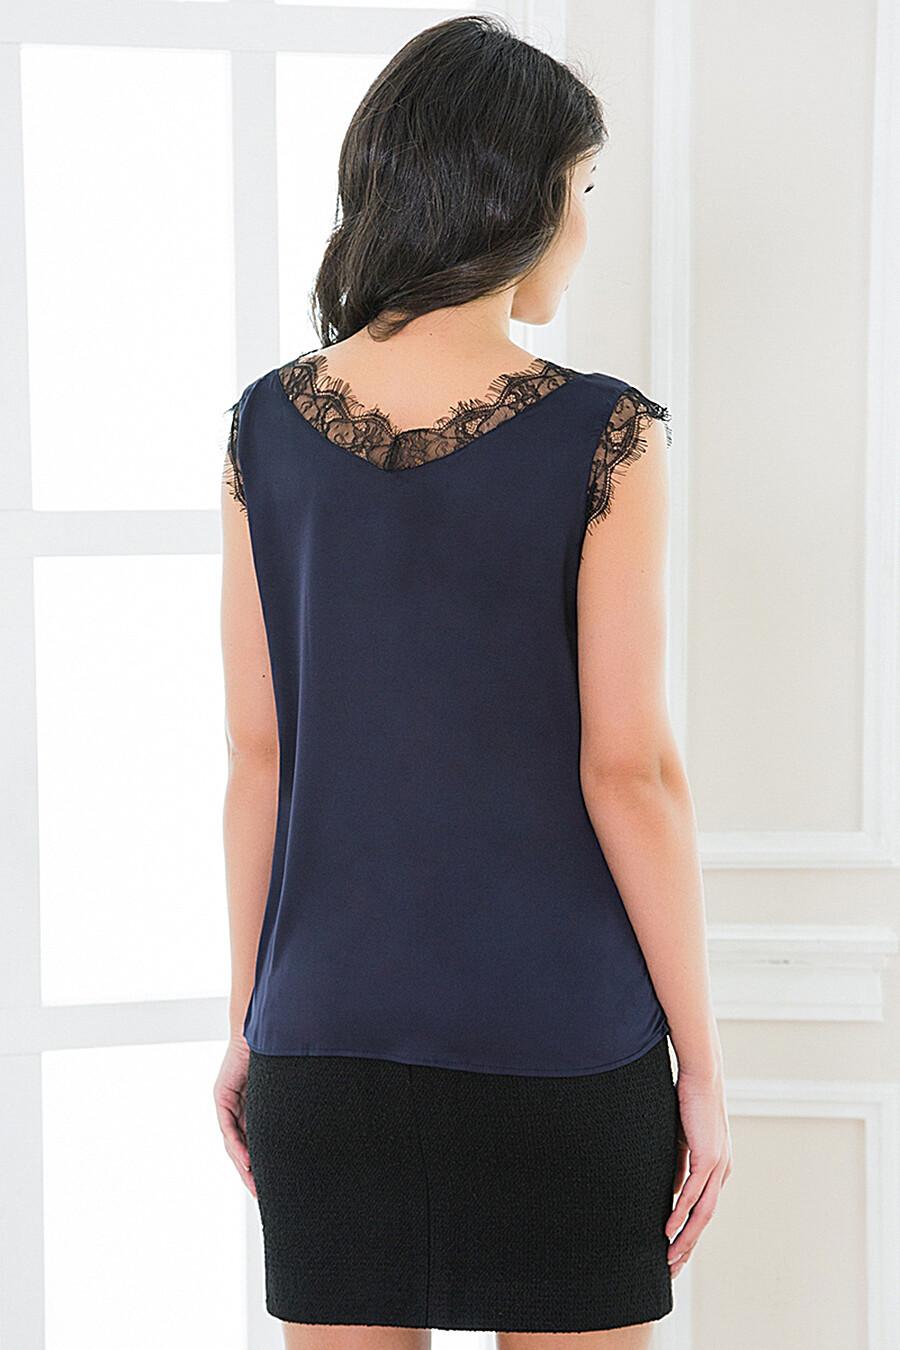 Топ для женщин KOTIS 161425 купить оптом от производителя. Совместная покупка женской одежды в OptMoyo